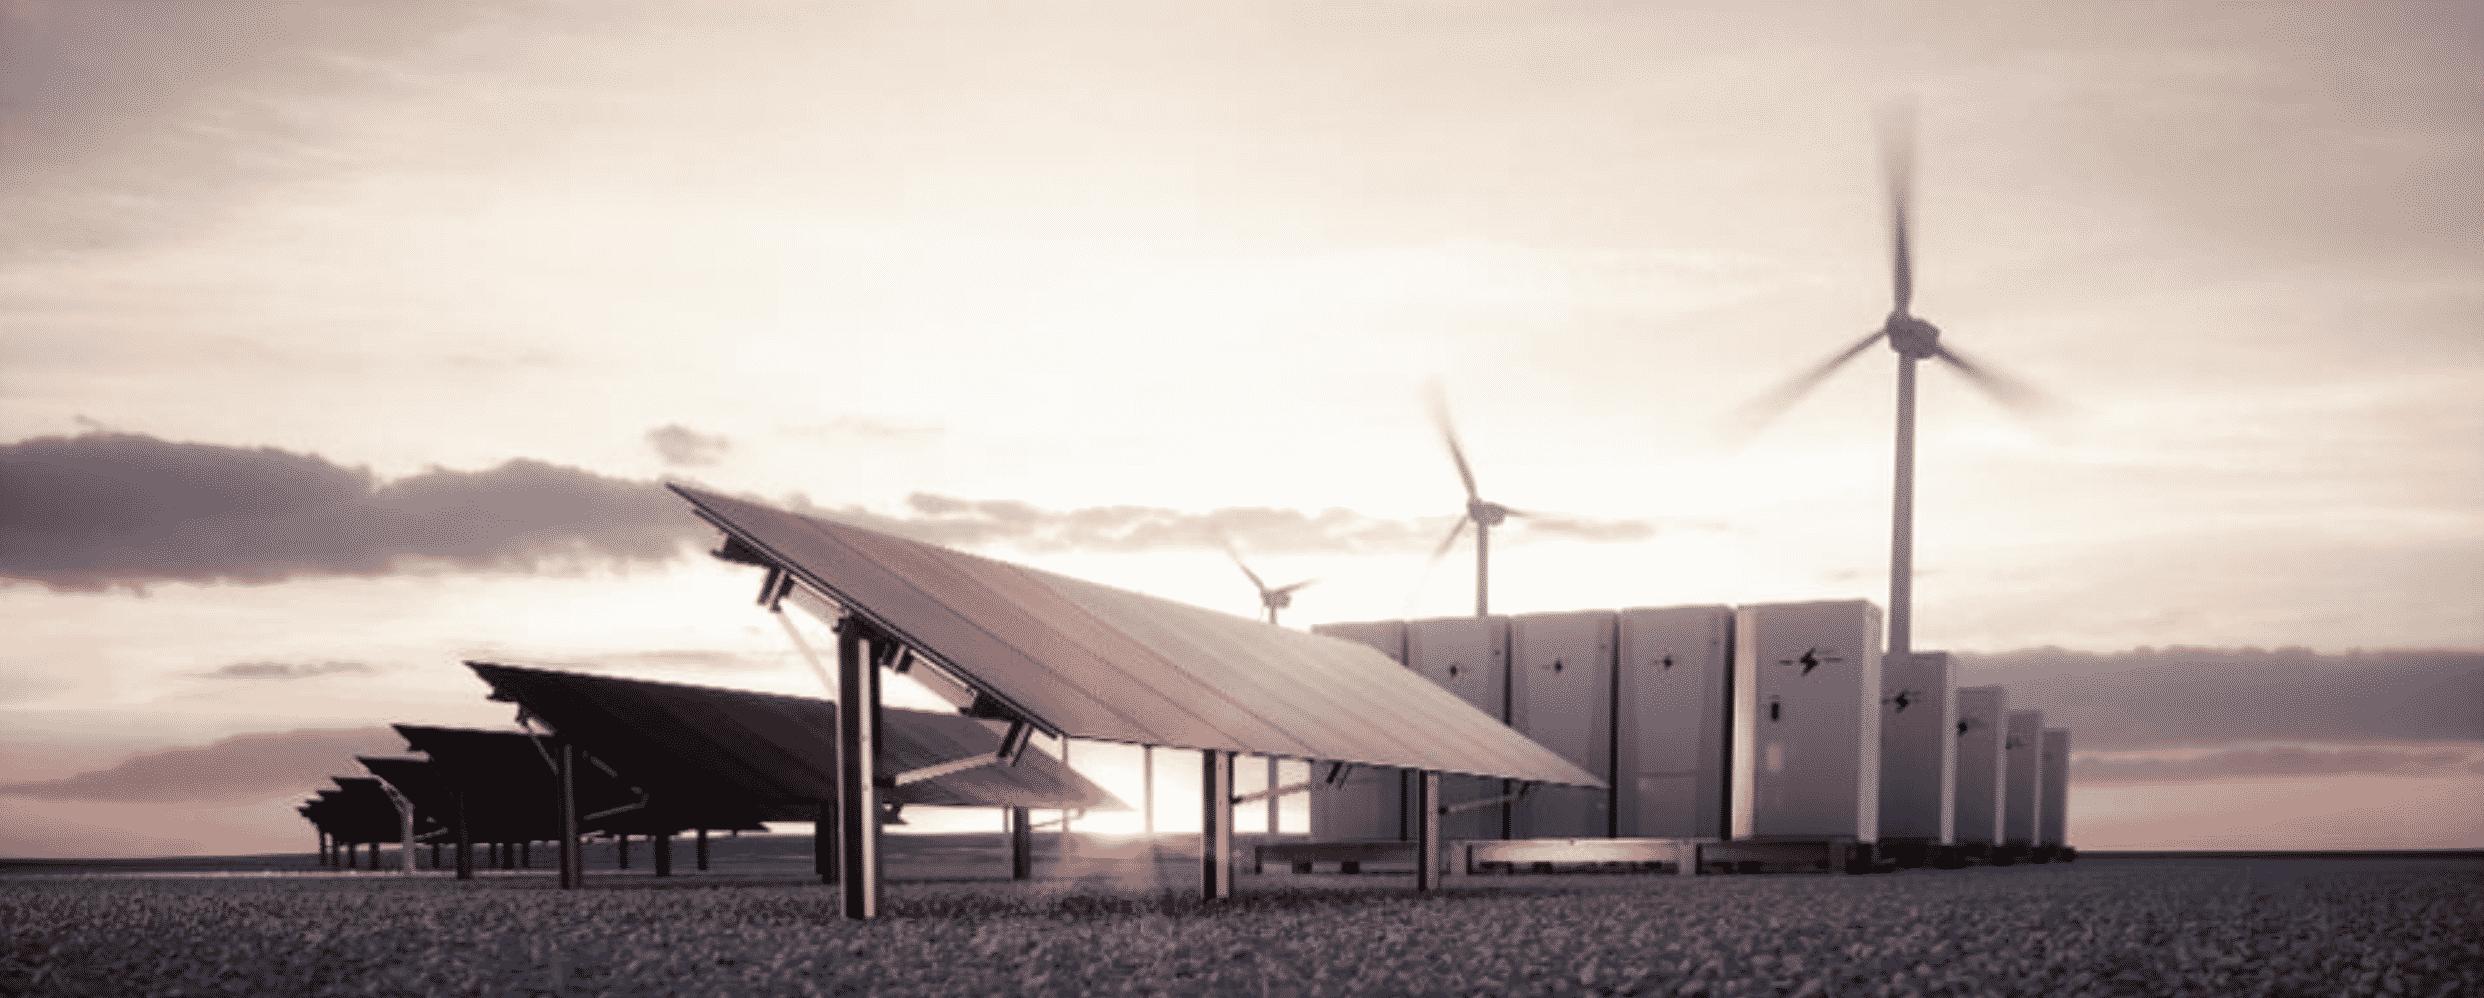 مستقبل الطاقة